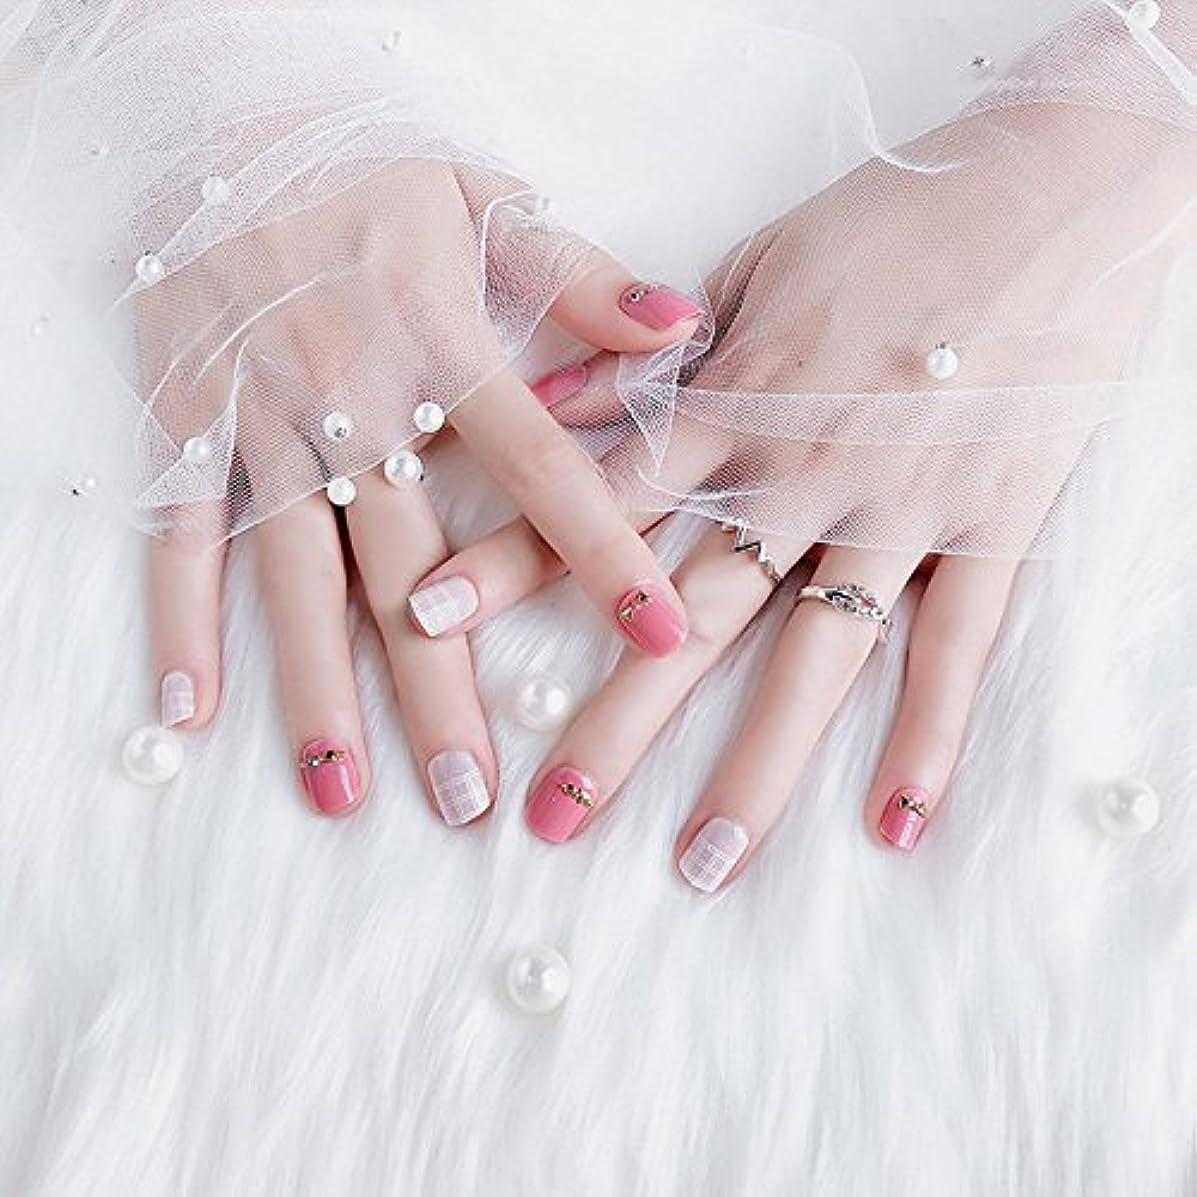 雪のマークされた希少性おしゃれなネイルチップ 短いさネイルチップ 複数のスタイル 24枚入 結婚式、パーティー、二次会などに ネイルアート 手作りネイルチップ 両面接着テープ付き (ピンク)